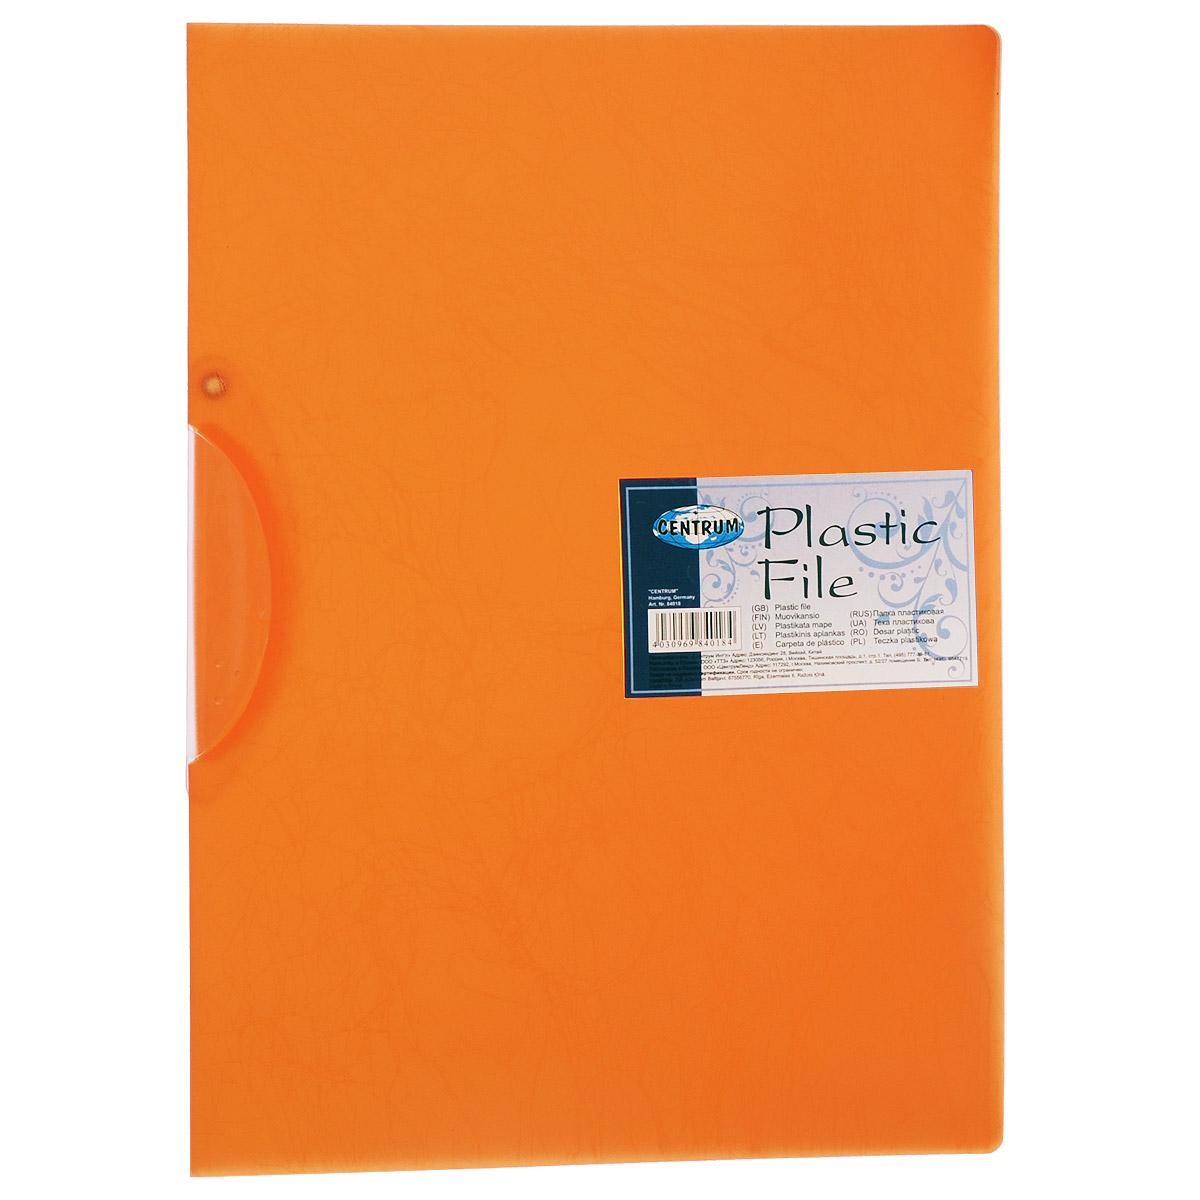 Папка с клипом Centrum, цвет: оранжевый. Формат А4 папка с клипом centrum прозрачная цвет синий формат а4 4 шт